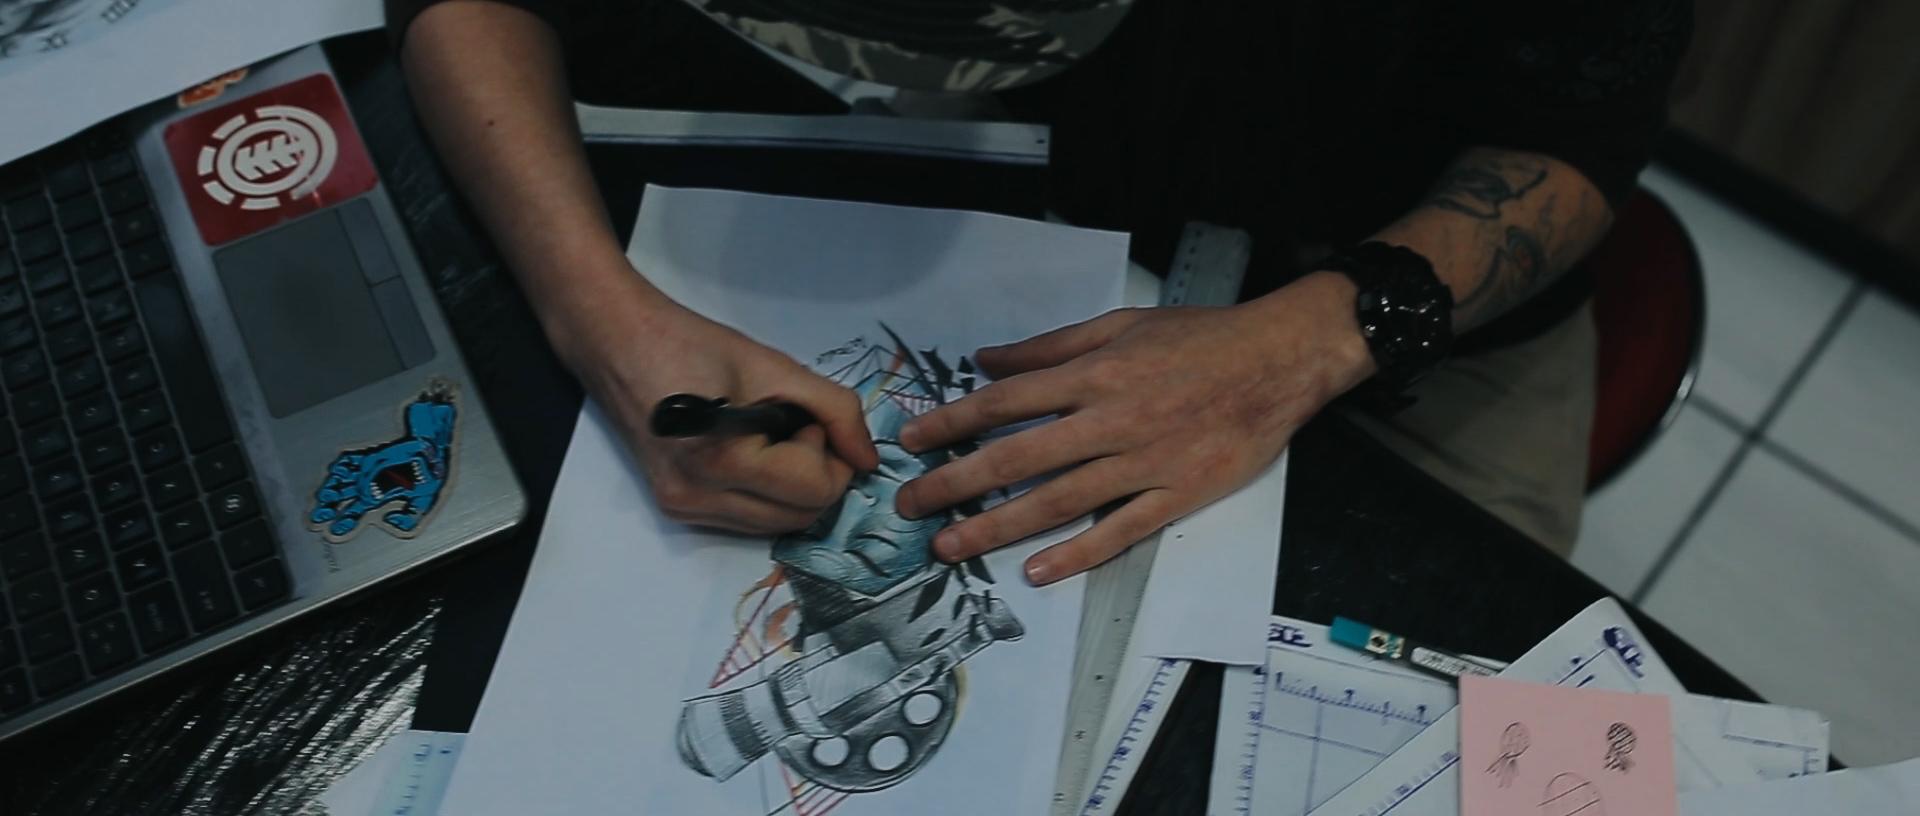 Gabrielle-Pereira-tatuadora-Curitiba-tattoo-ricardo-franzen-love-freedom-madness-producao-de-filme-video-de-tattoo-into-the-skin (2).jpg